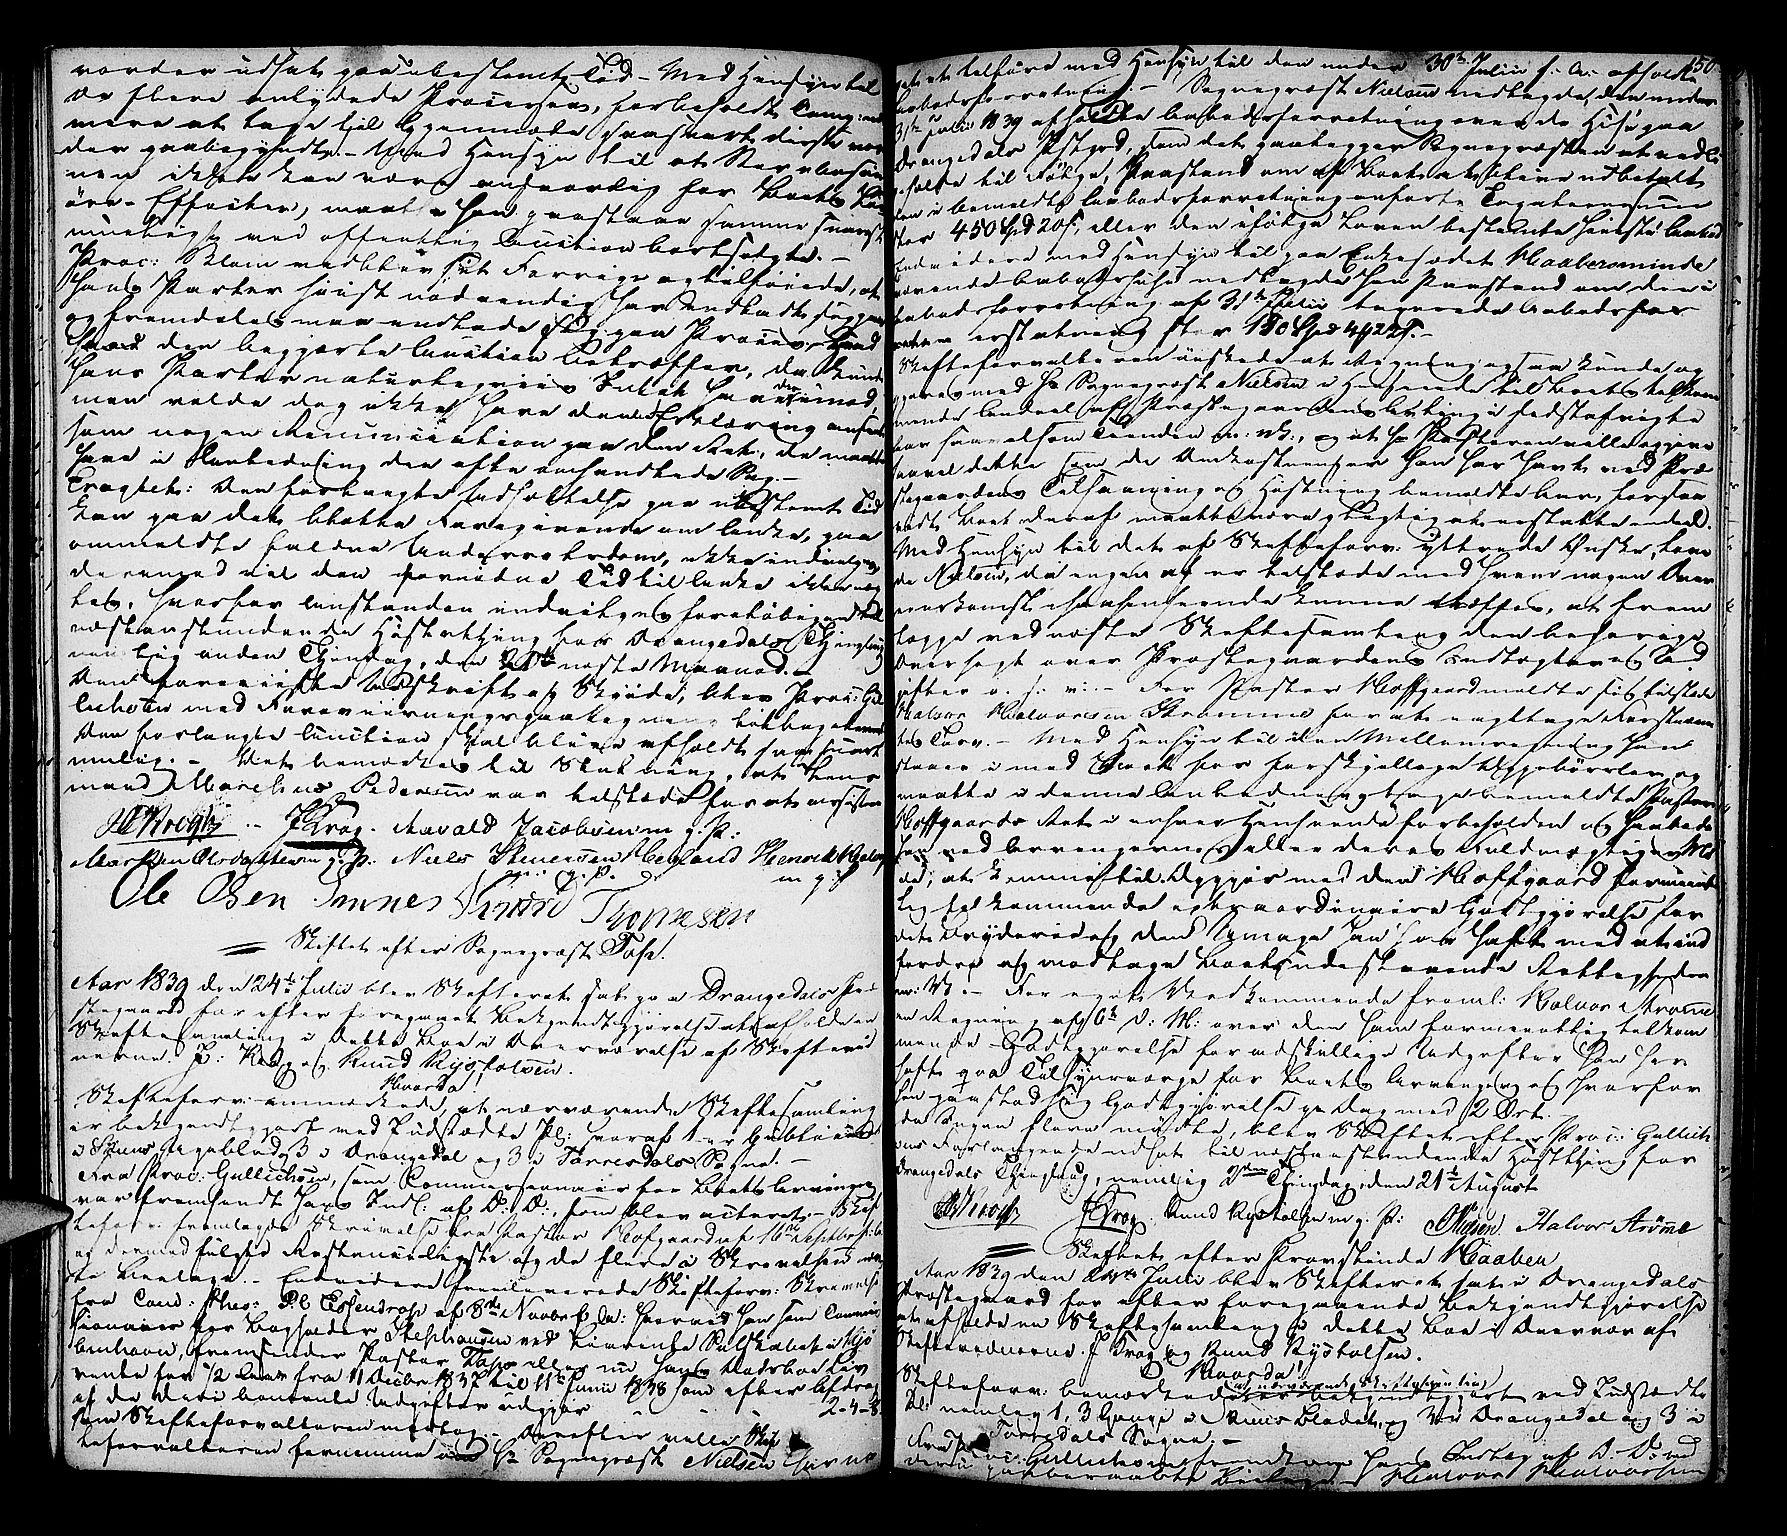 SAKO, Bamble sorenskriveri, H/Hb/Hbc/L0001: Skifteforhandlingsprotokoll, 1837-1847, s. 150